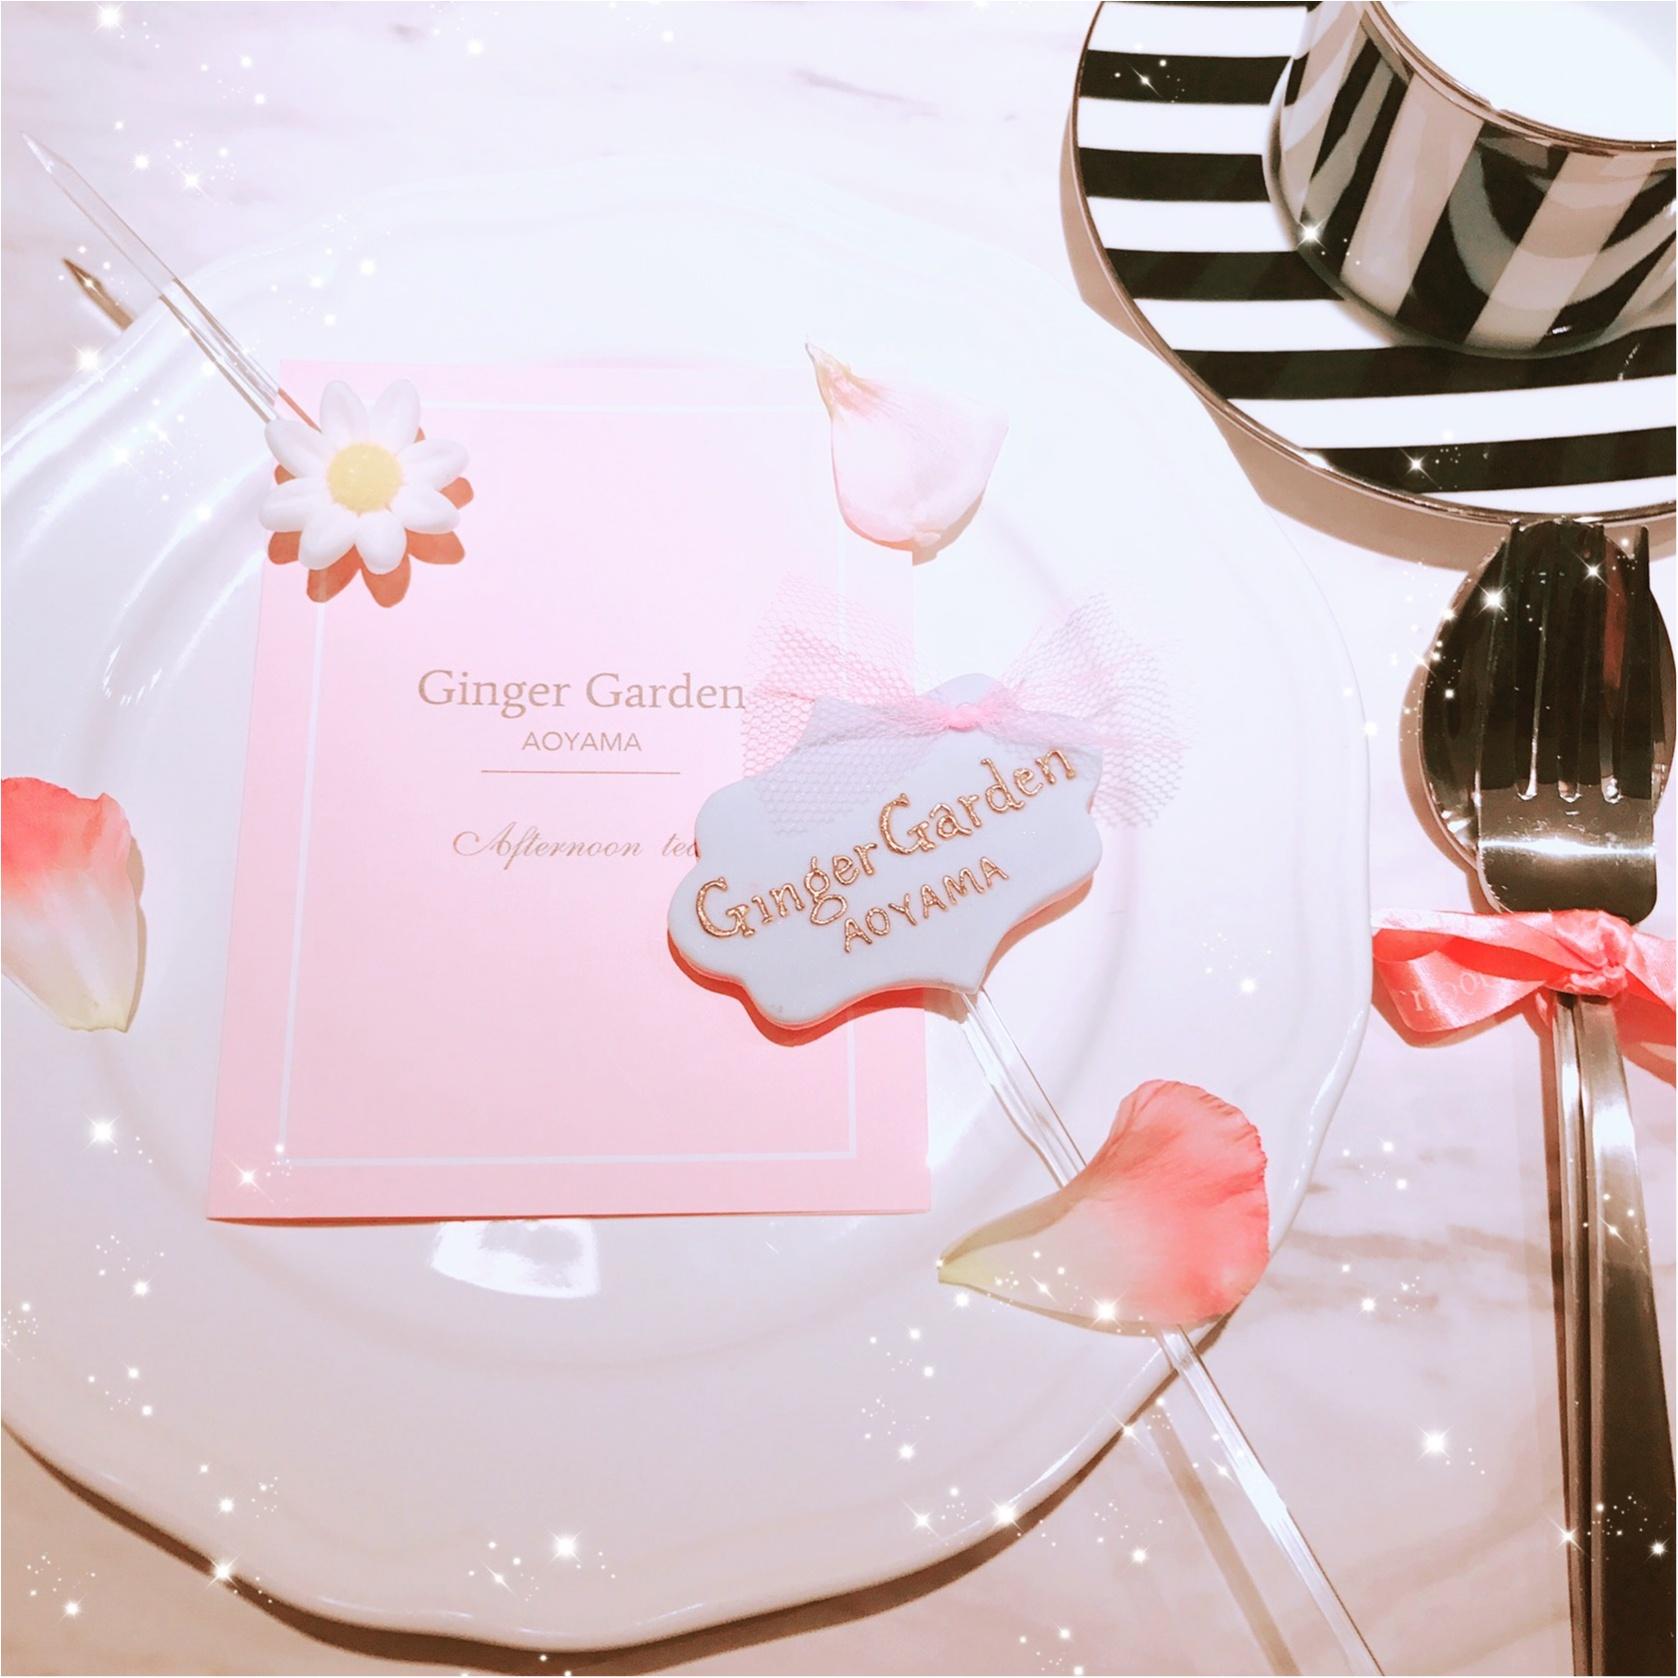 土日祝限定!完全予約制、ジンジャーガーデン青山のピンクアフタヌーンティーが可愛すぎる!_15